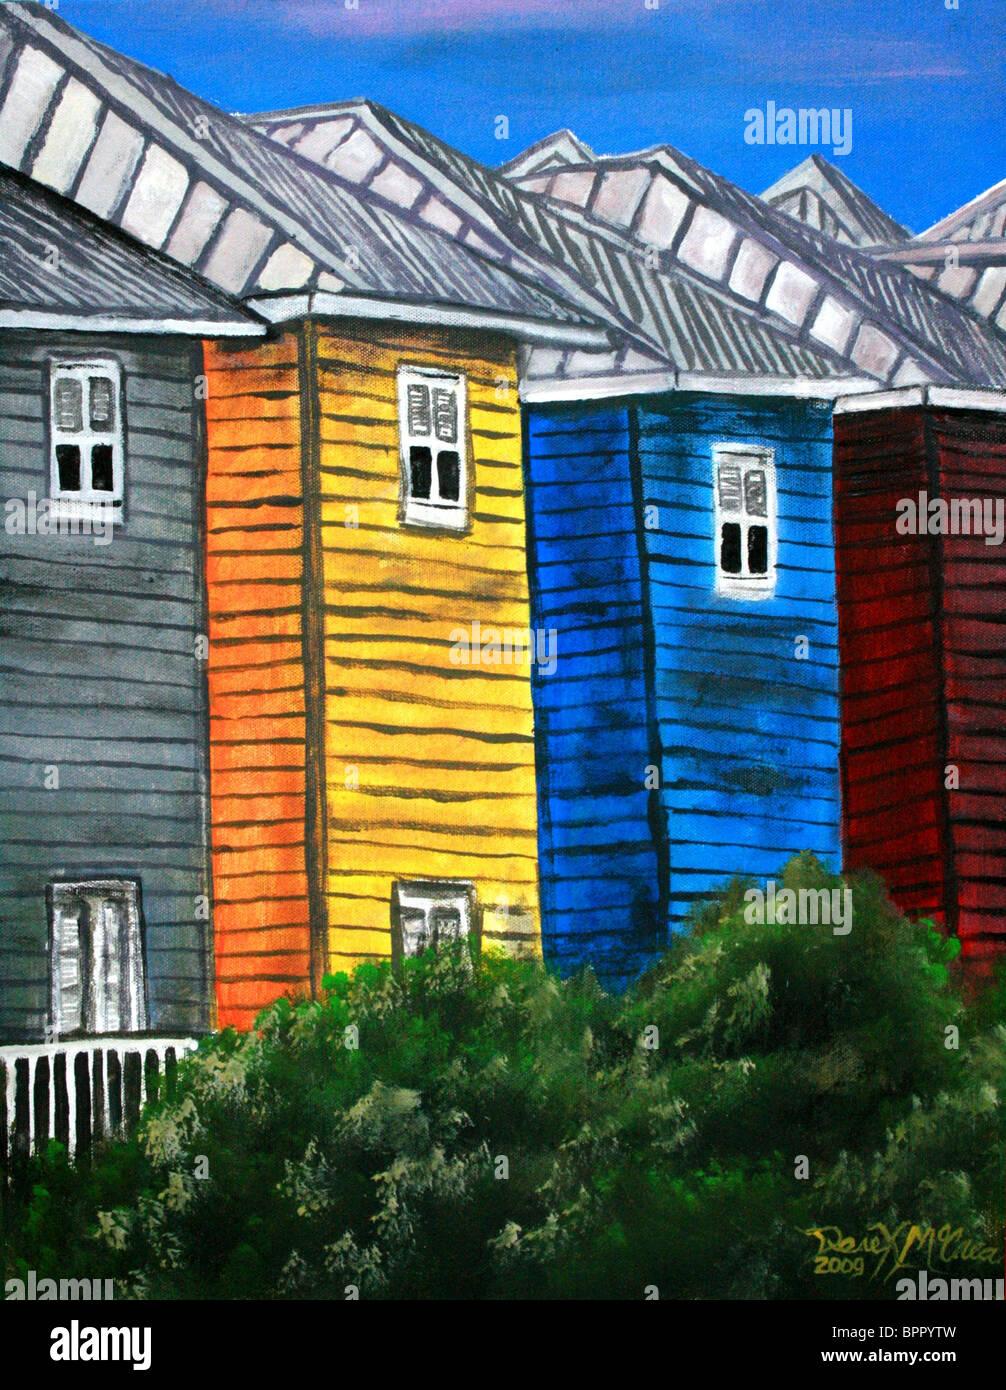 Case sulla spiaggia la pittura ad olio costiere arte tropicale Immagini Stock